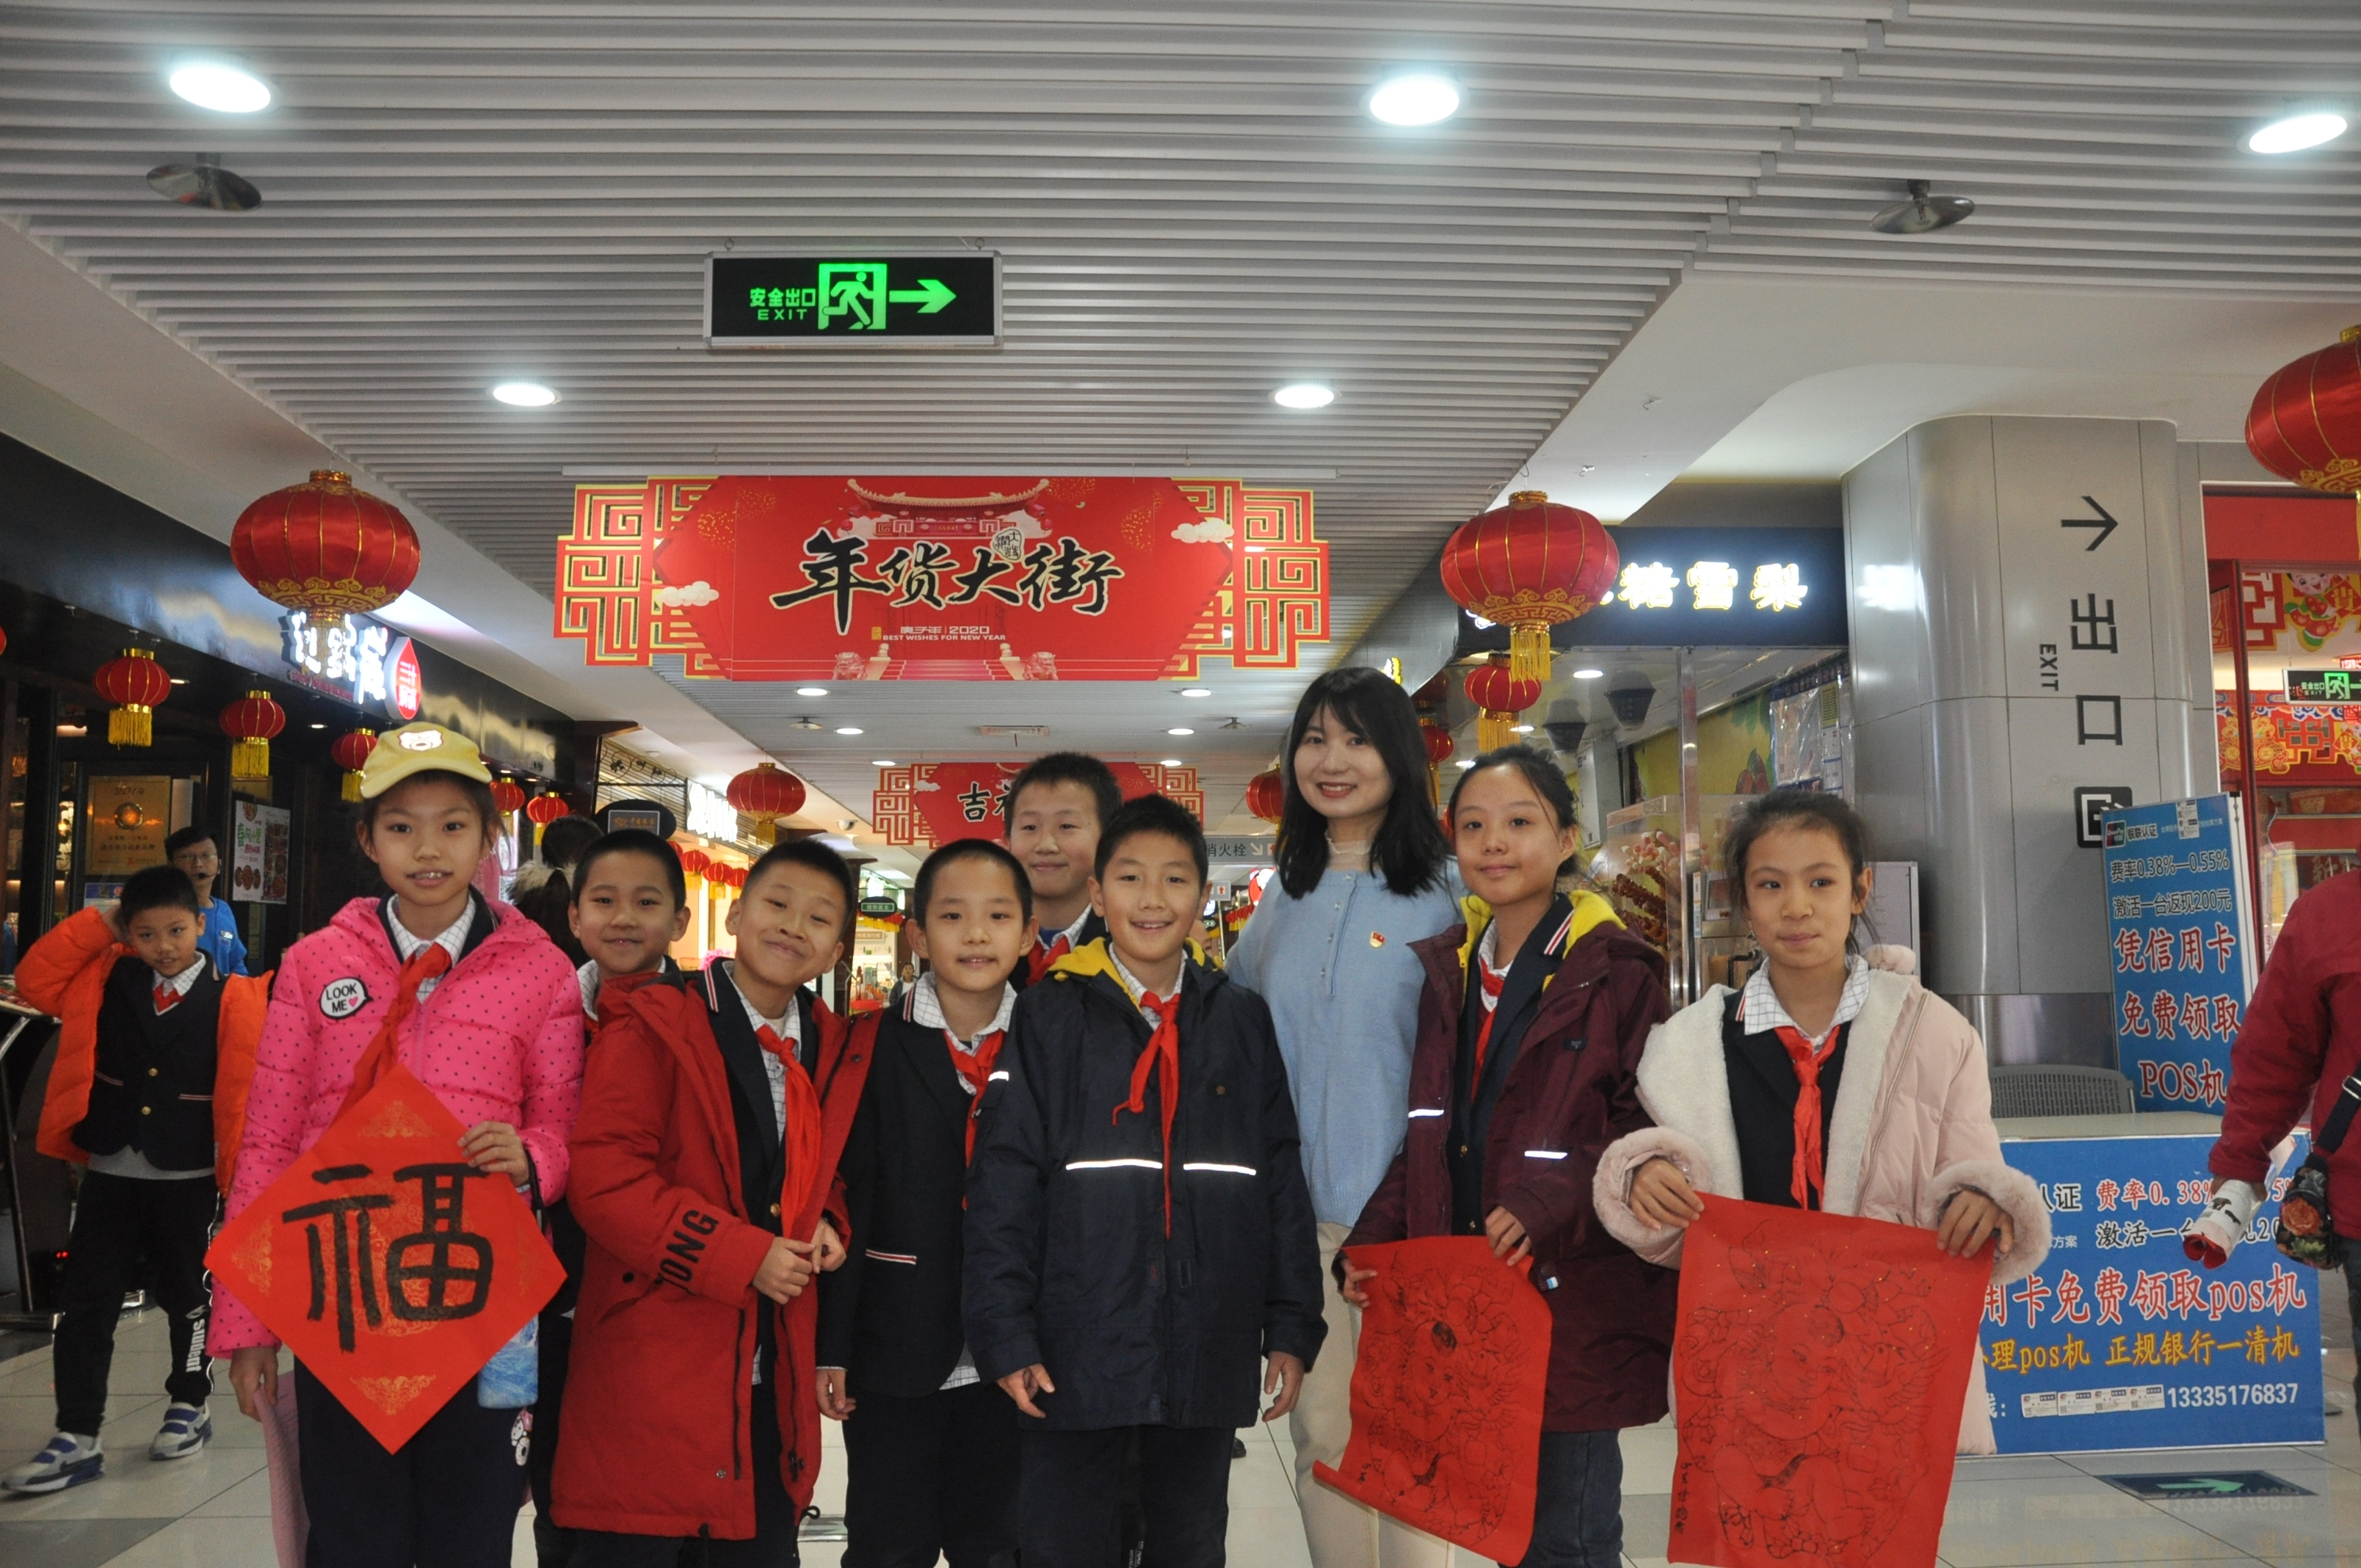 传承中华文化 弘扬正能量----燕山小学文化活动剪影